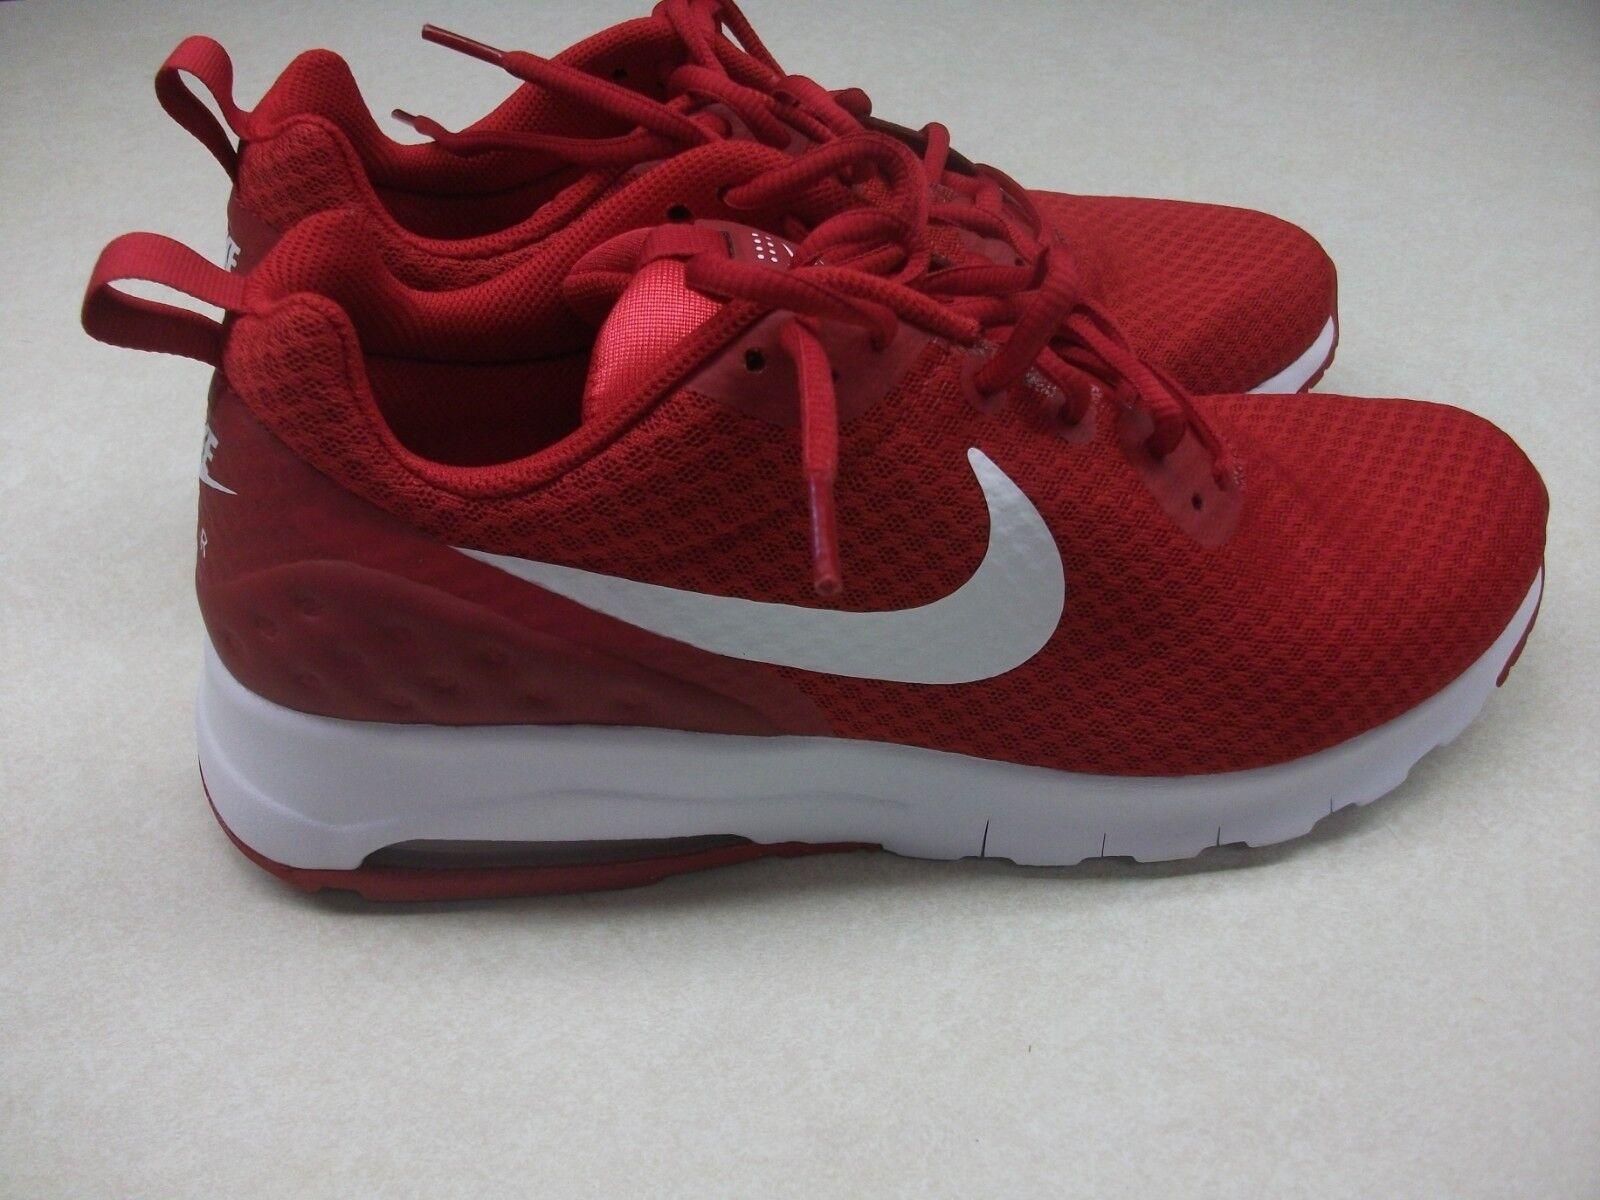 Nike air max 11 uomini proposta sb scarpe da corsa corsa da rosso / bianco pennino 833260-600 squadra palestra 2e2a23